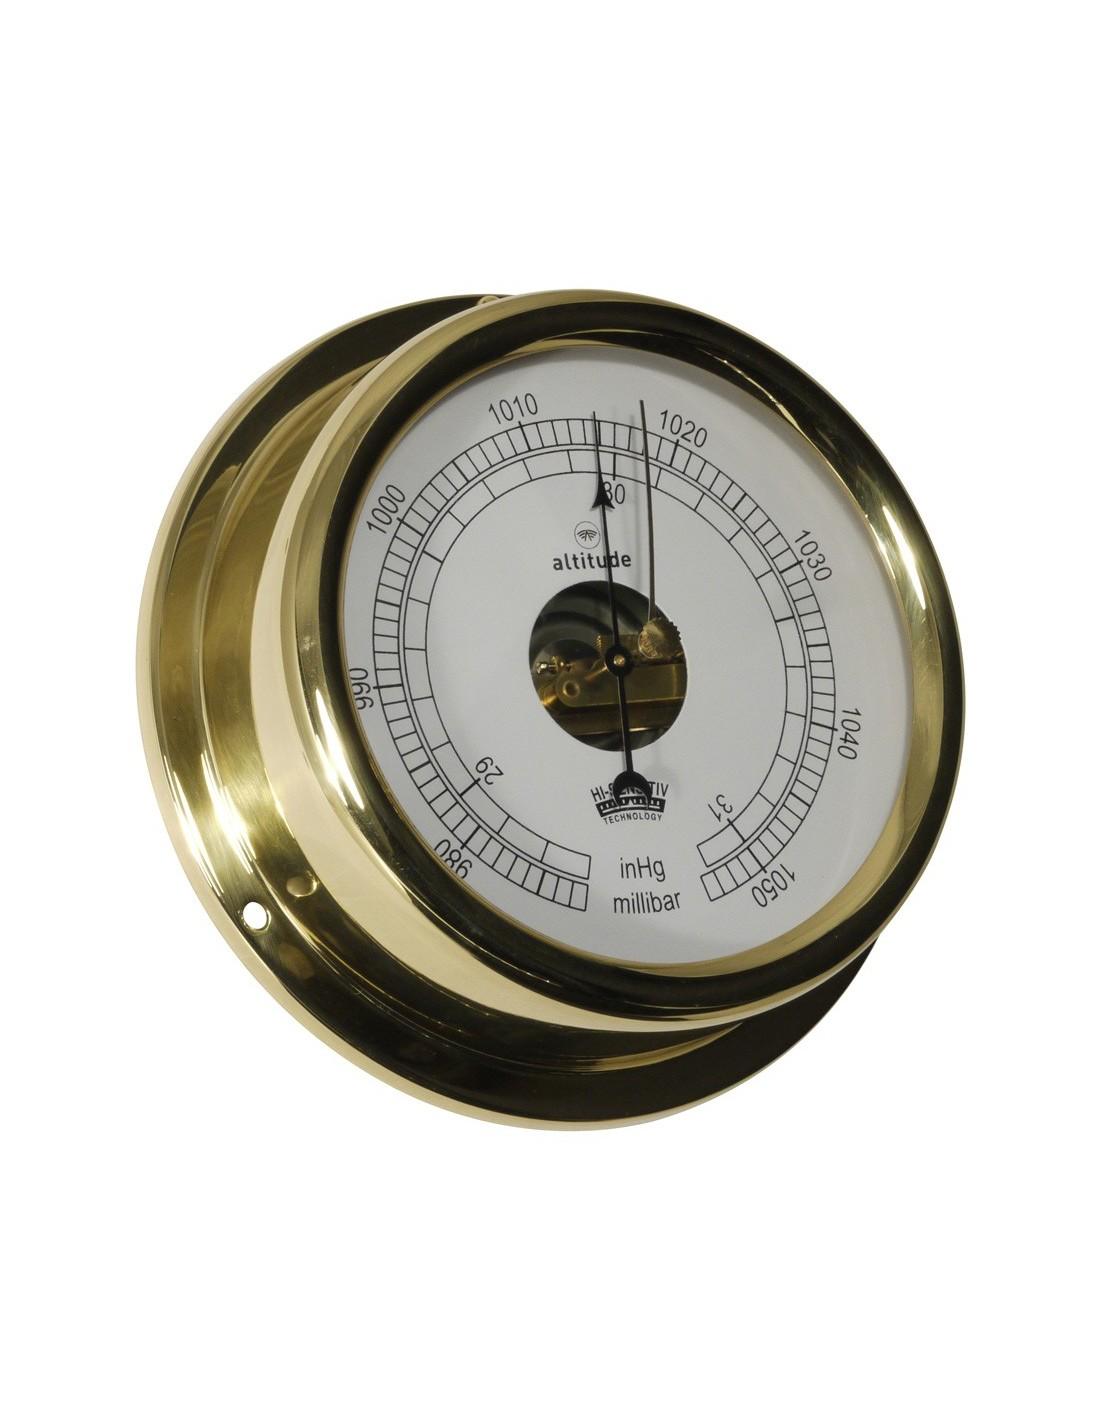 Barometer - 150 mm - Altitude - Scheepsinstrumenten - 866 B